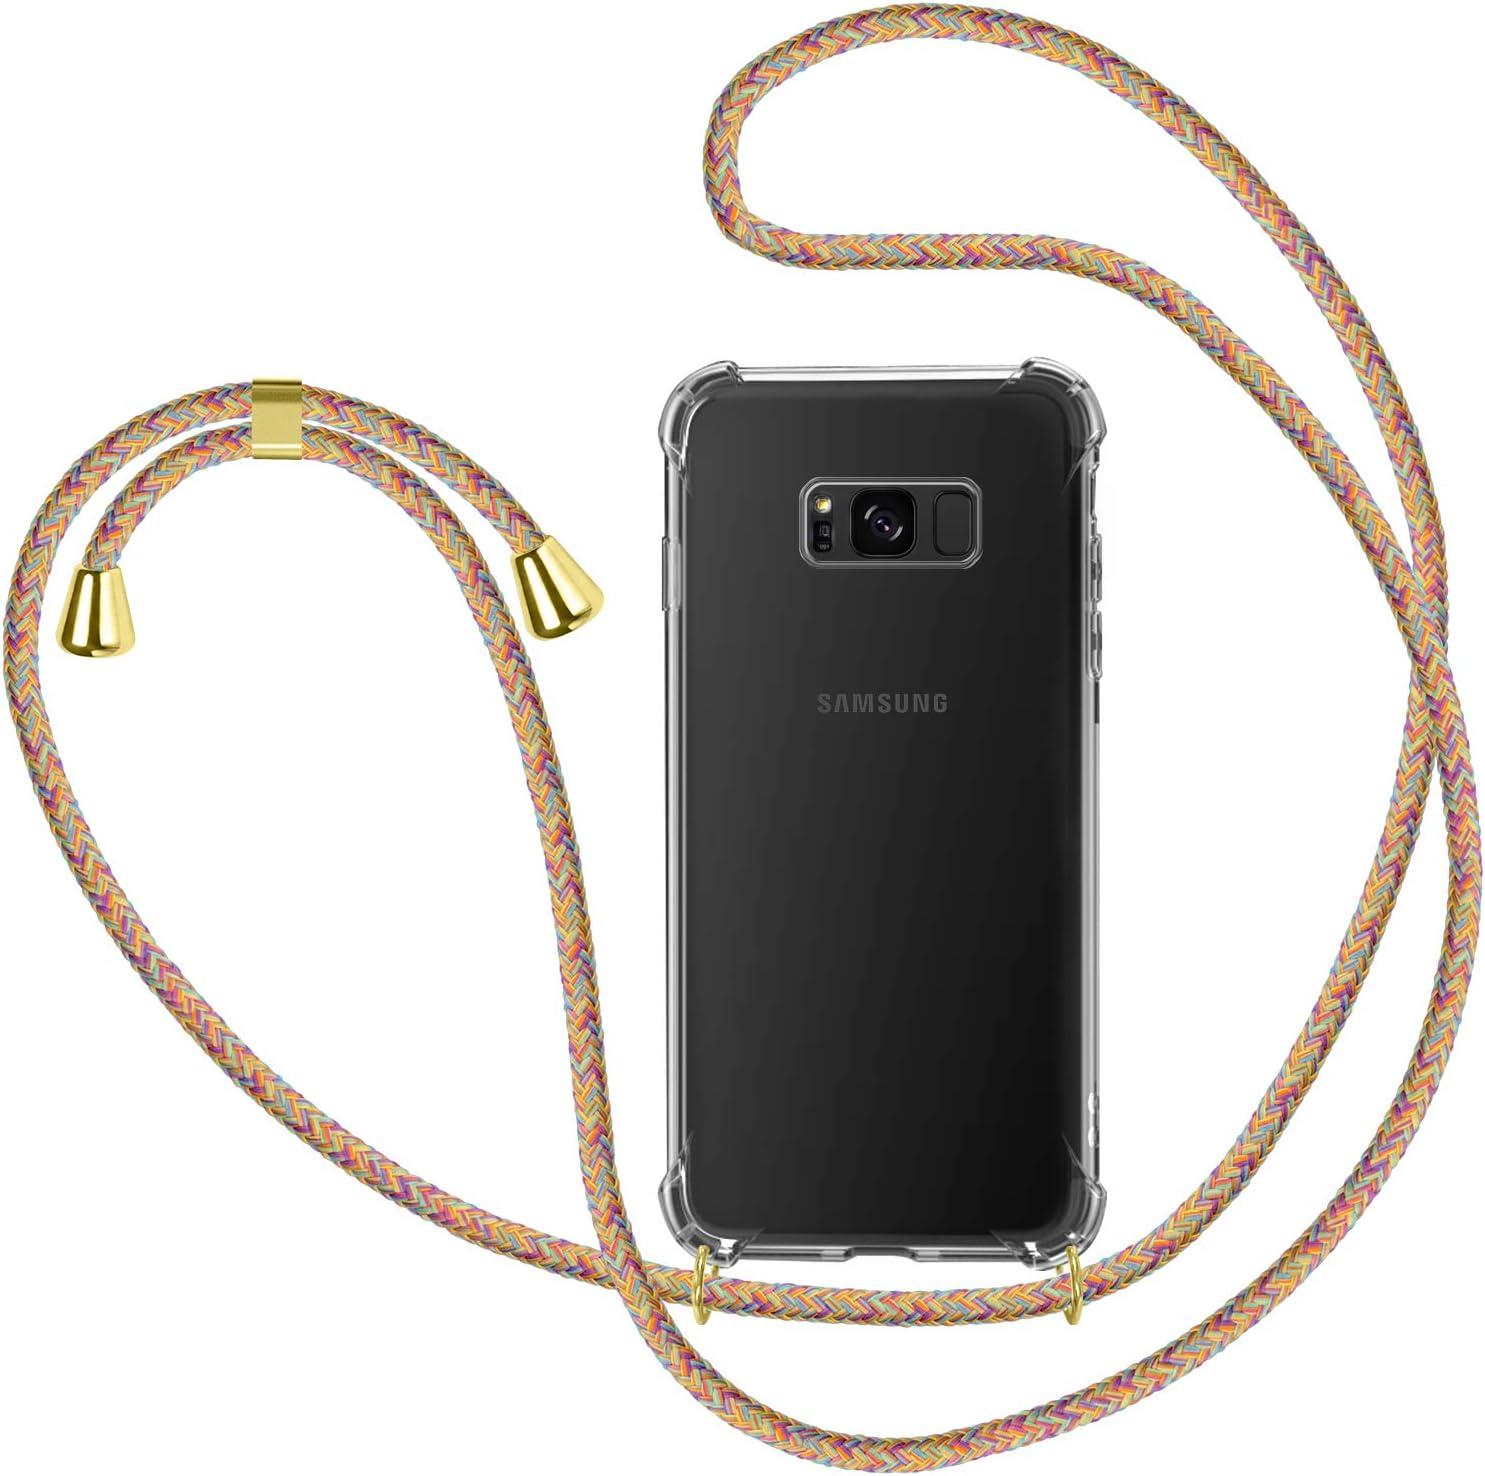 Bigcousin Funda con Cuerda Compatible con Samsung Galaxy S8,Transparente de TPU con Ajustable Collar Cadena Cord/ón,Azul Claro